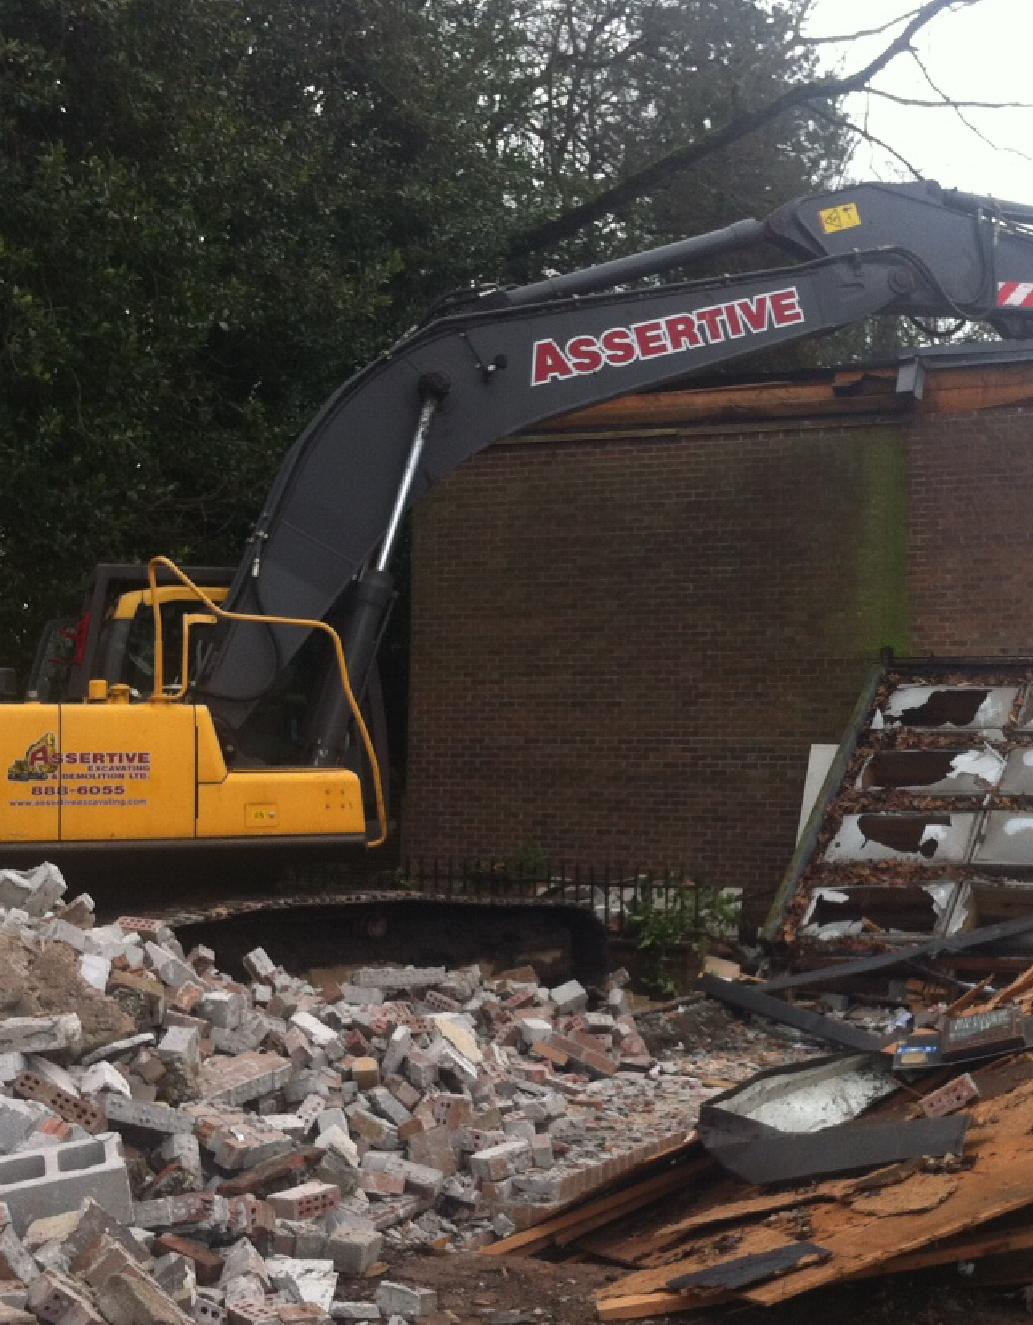 Assertive_Excavating___Demolition_524110155